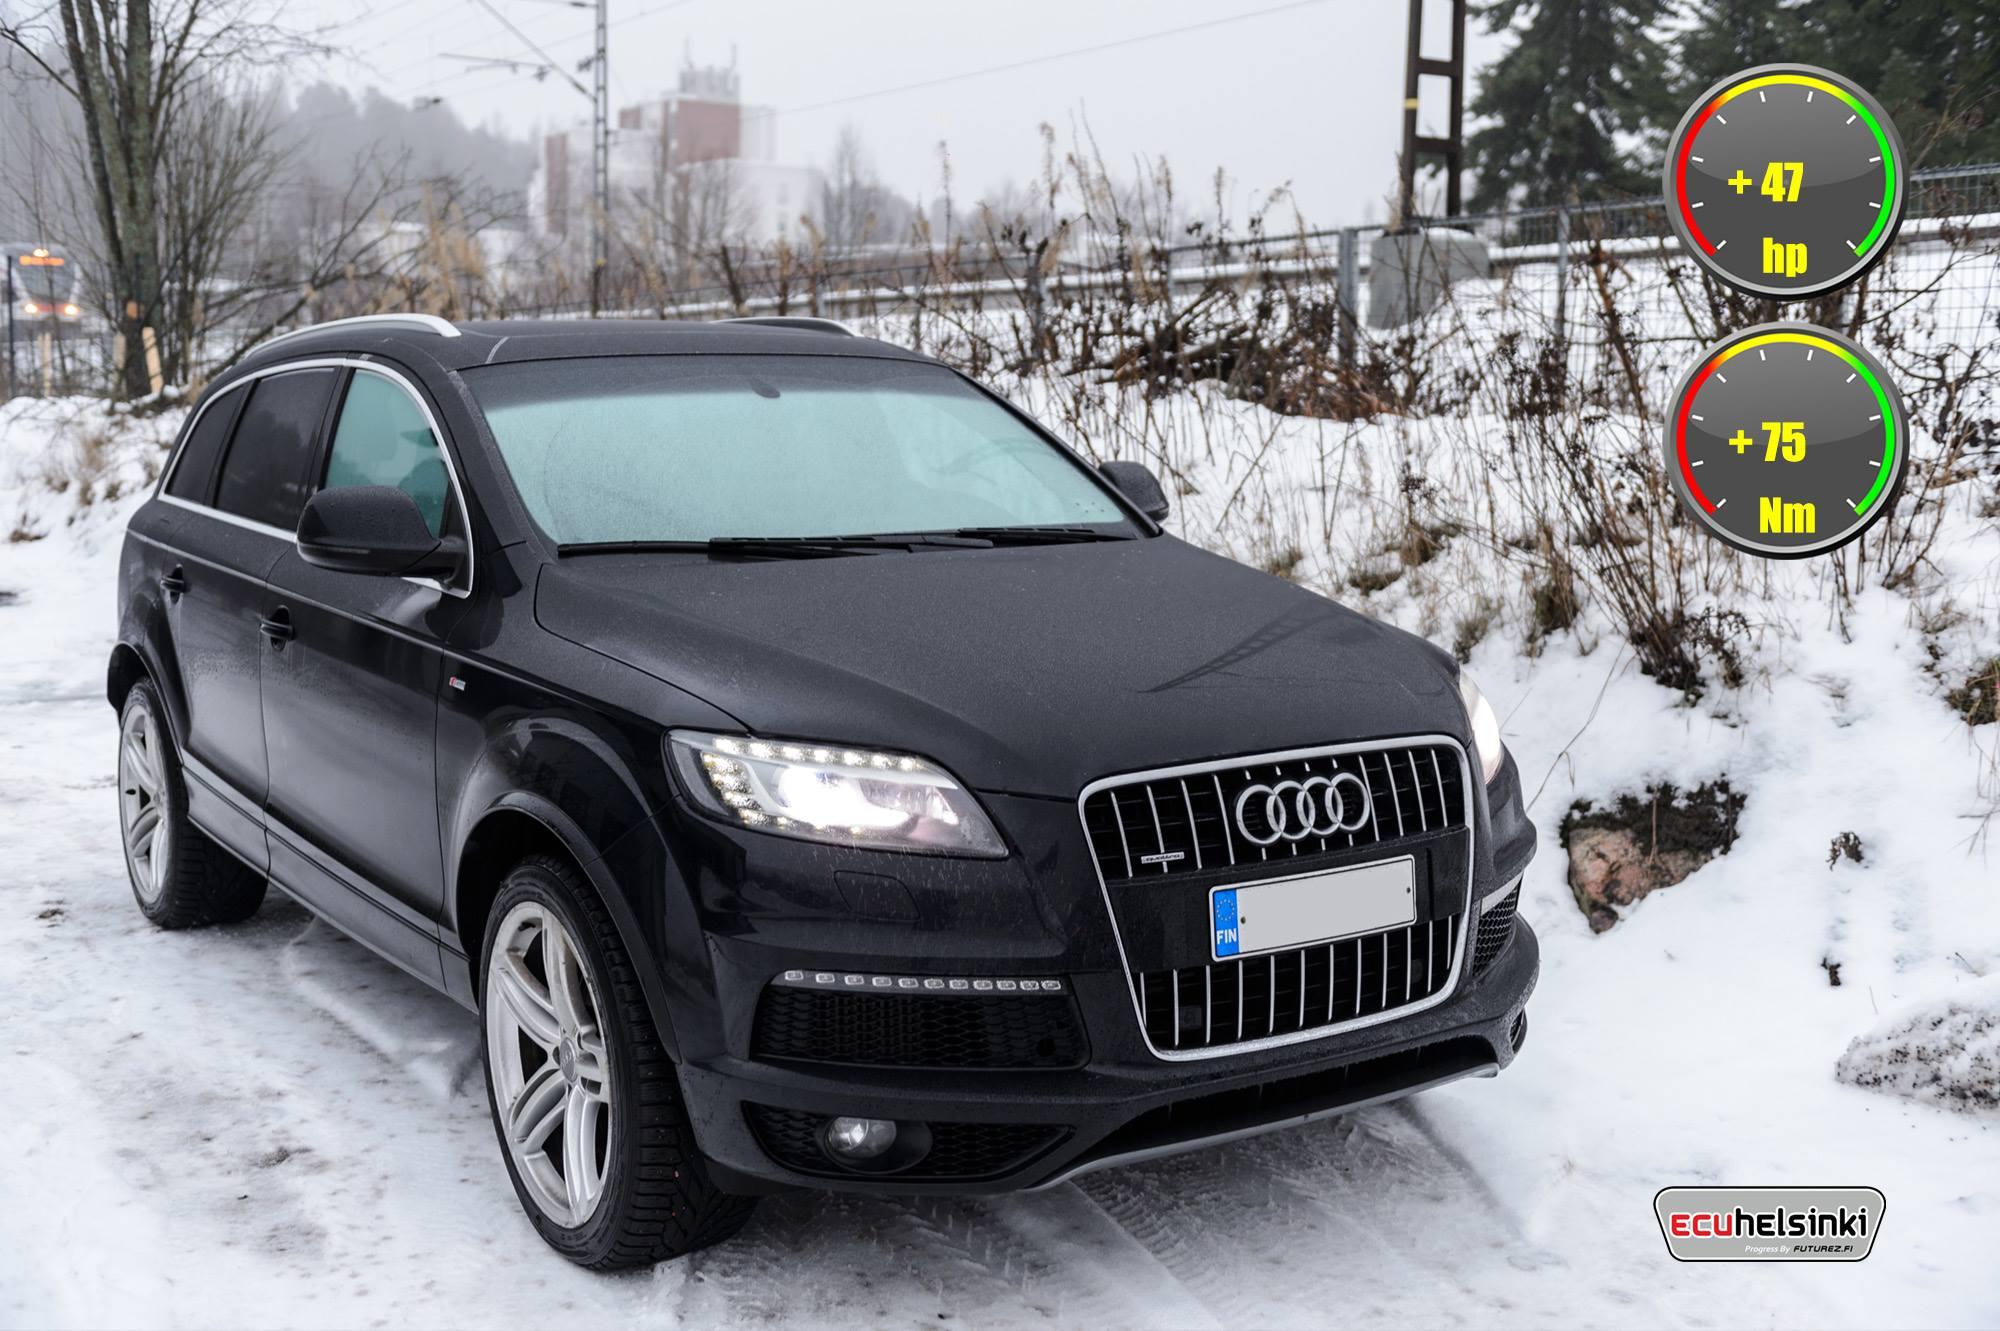 Audi Q7 3.0tdi viritys celtic tuning